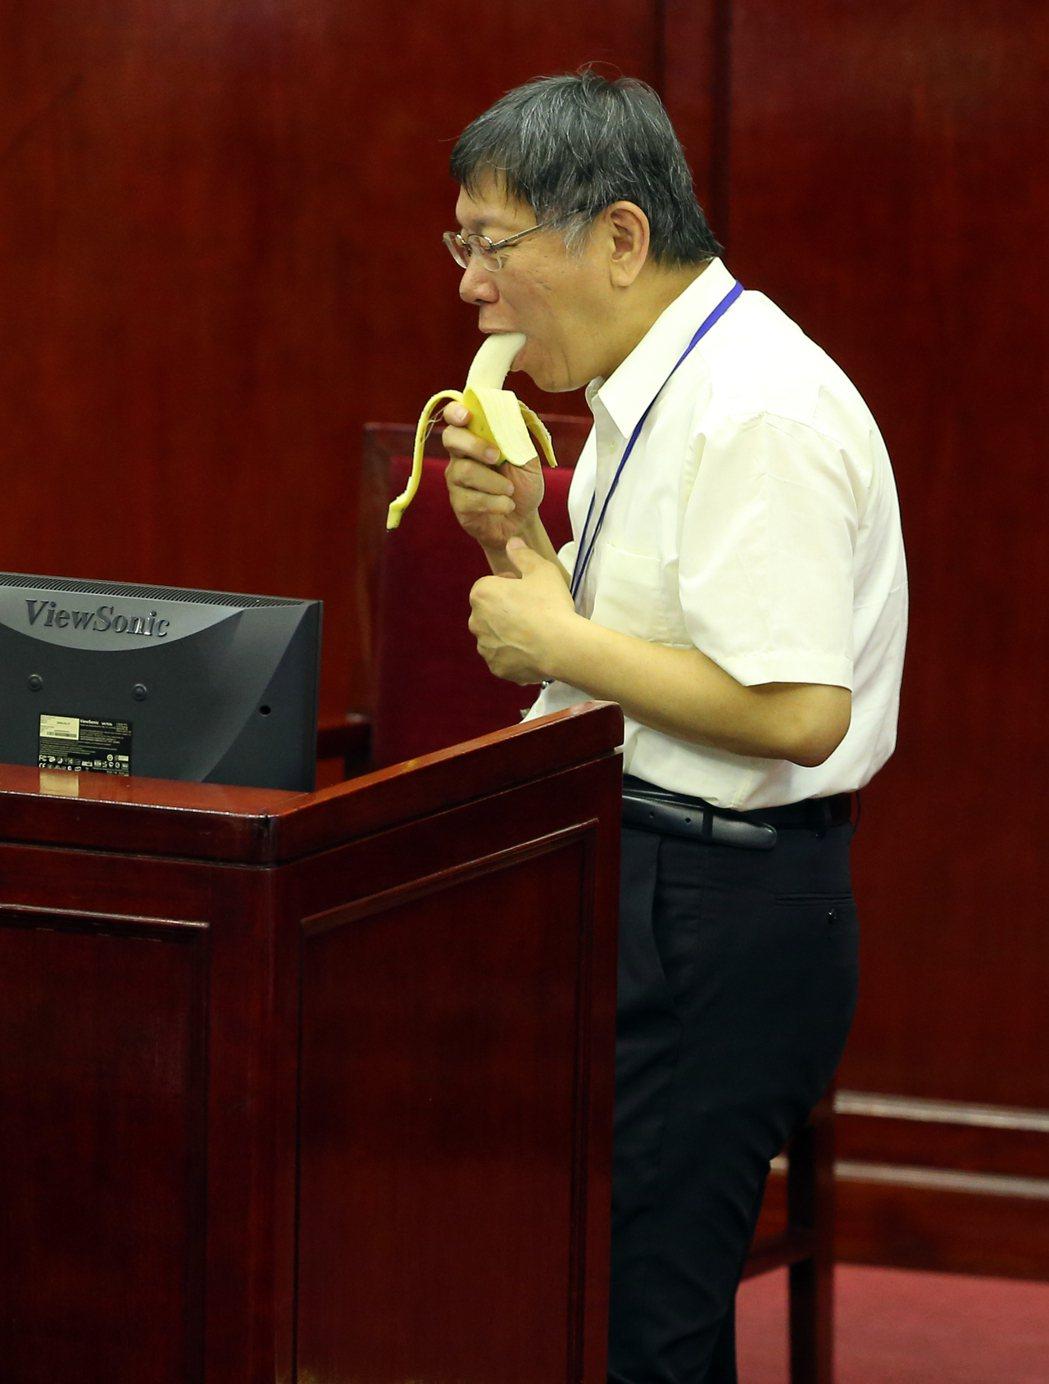 柯文哲赴議會專案報告 議員拿香蕉諷刺